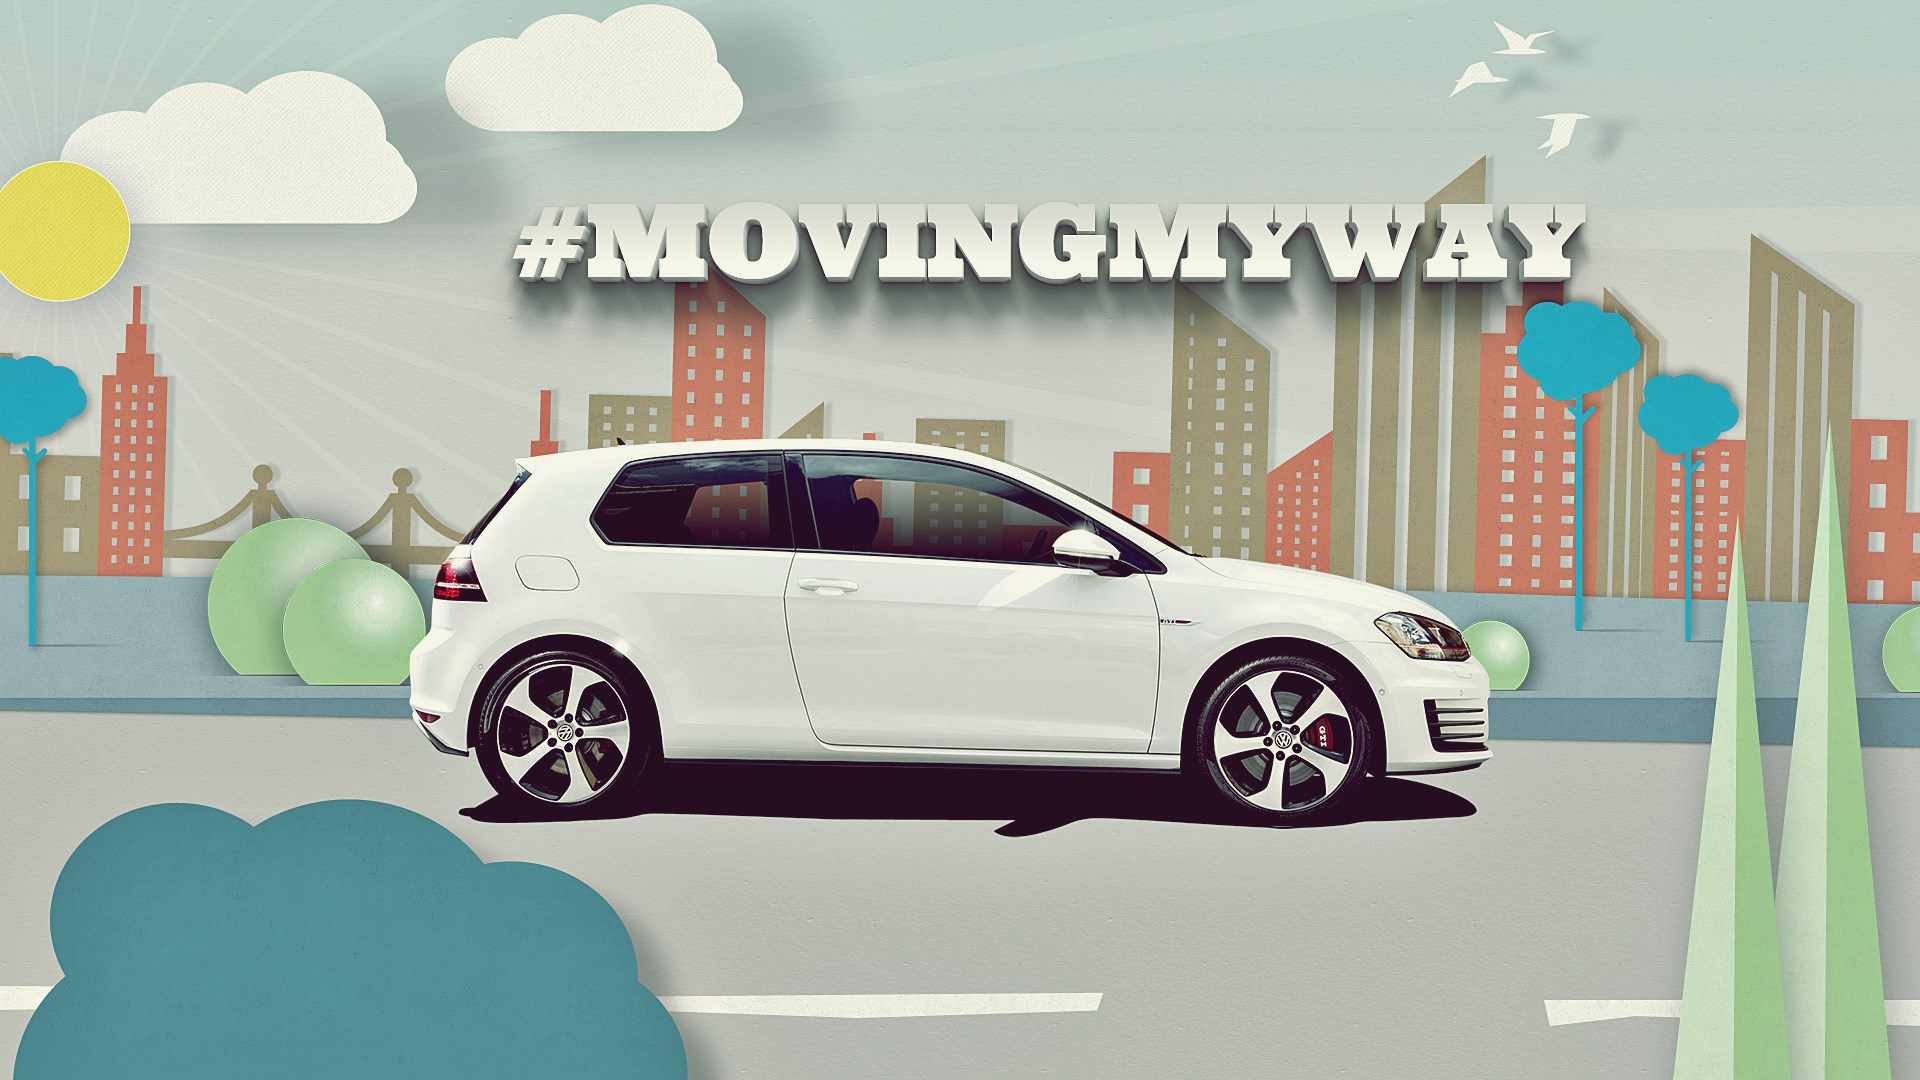 movingmyway-europcar-gewinnspiel-golf-gti